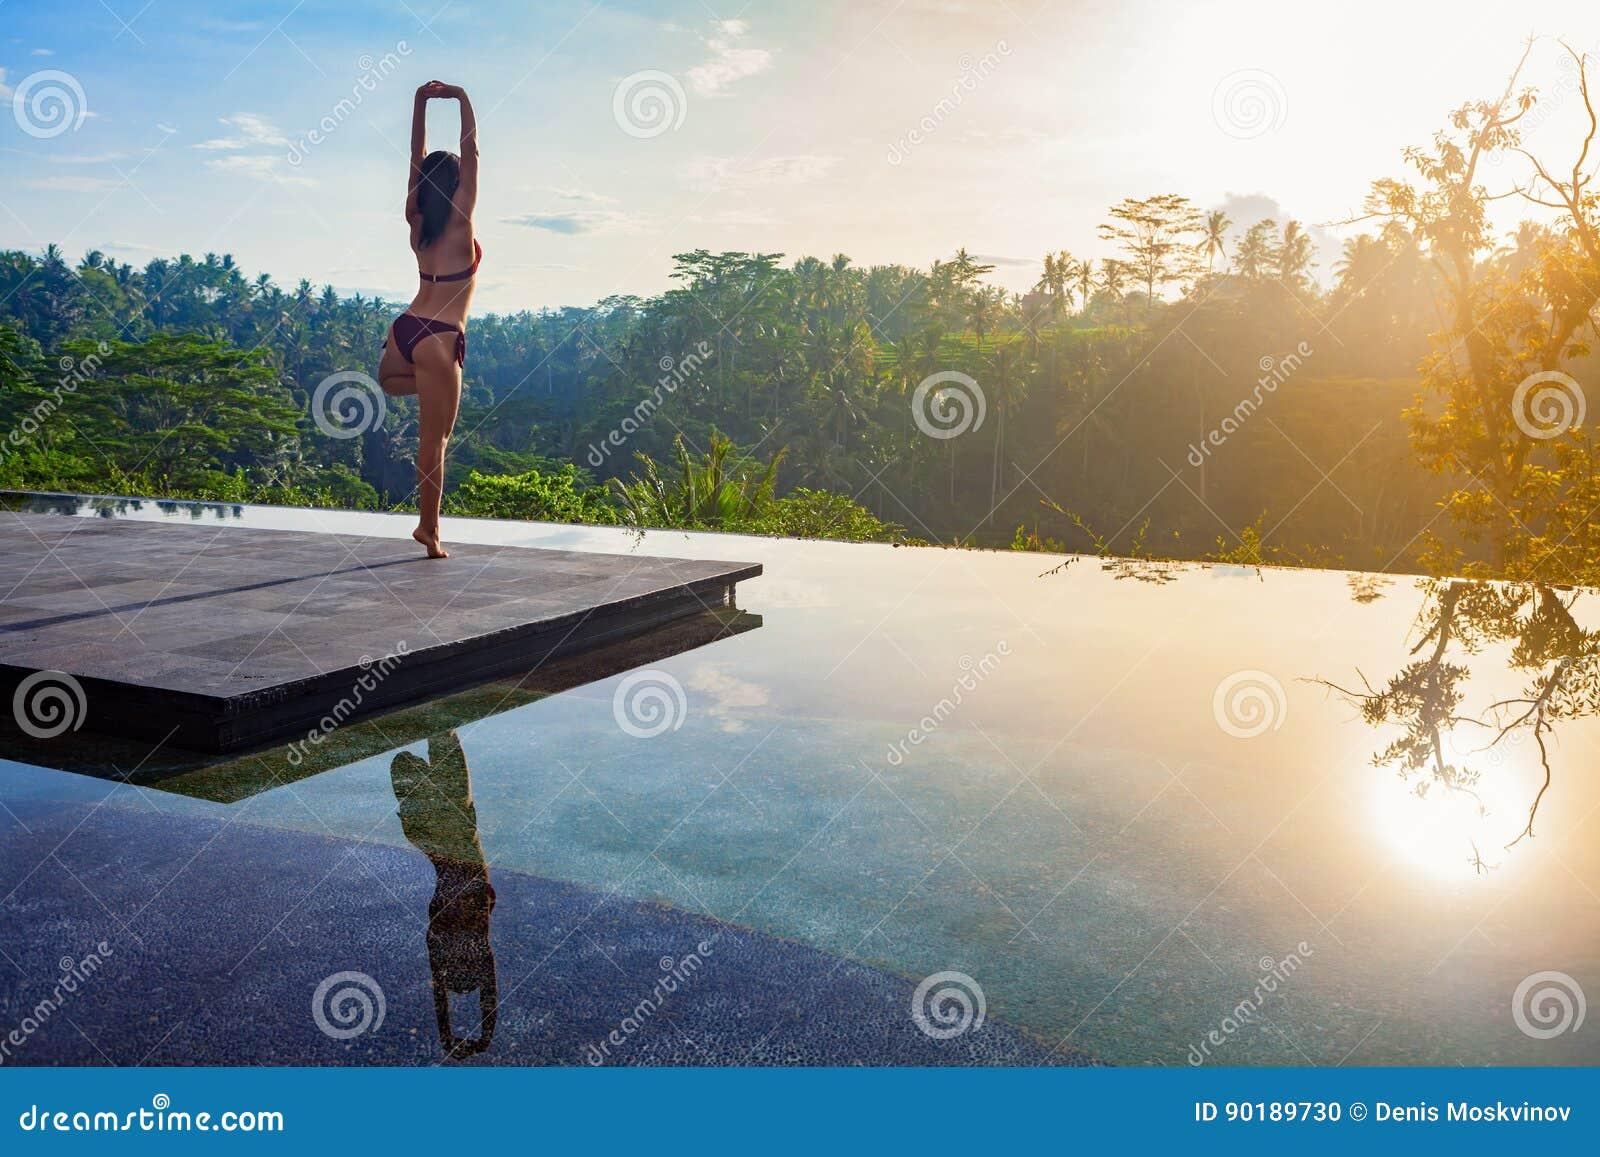 Good morning with woman yoga meditating on sunrise background.